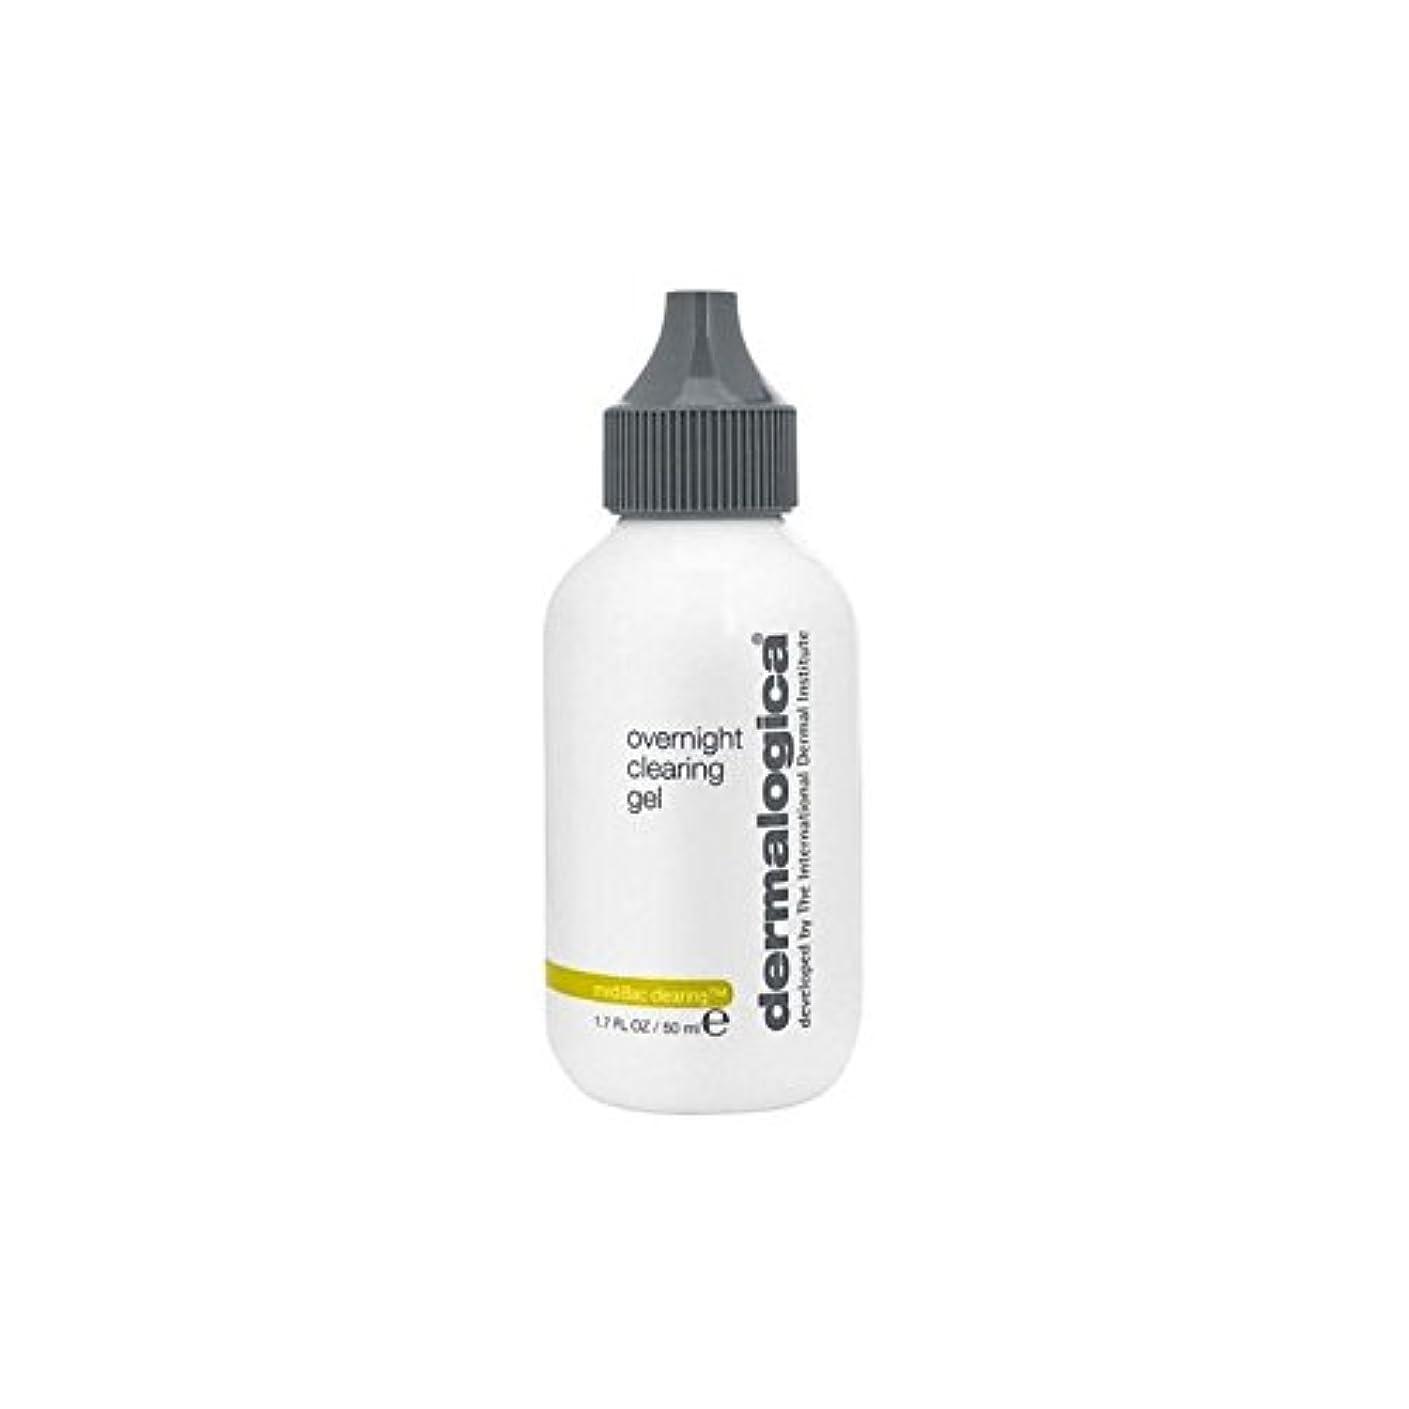 ナチュラルナプキン悩みダーマロジカ一晩透明ゲル(50)中 x4 - Dermalogica Medibac Overnight Clearing Gel (50ml) (Pack of 4) [並行輸入品]